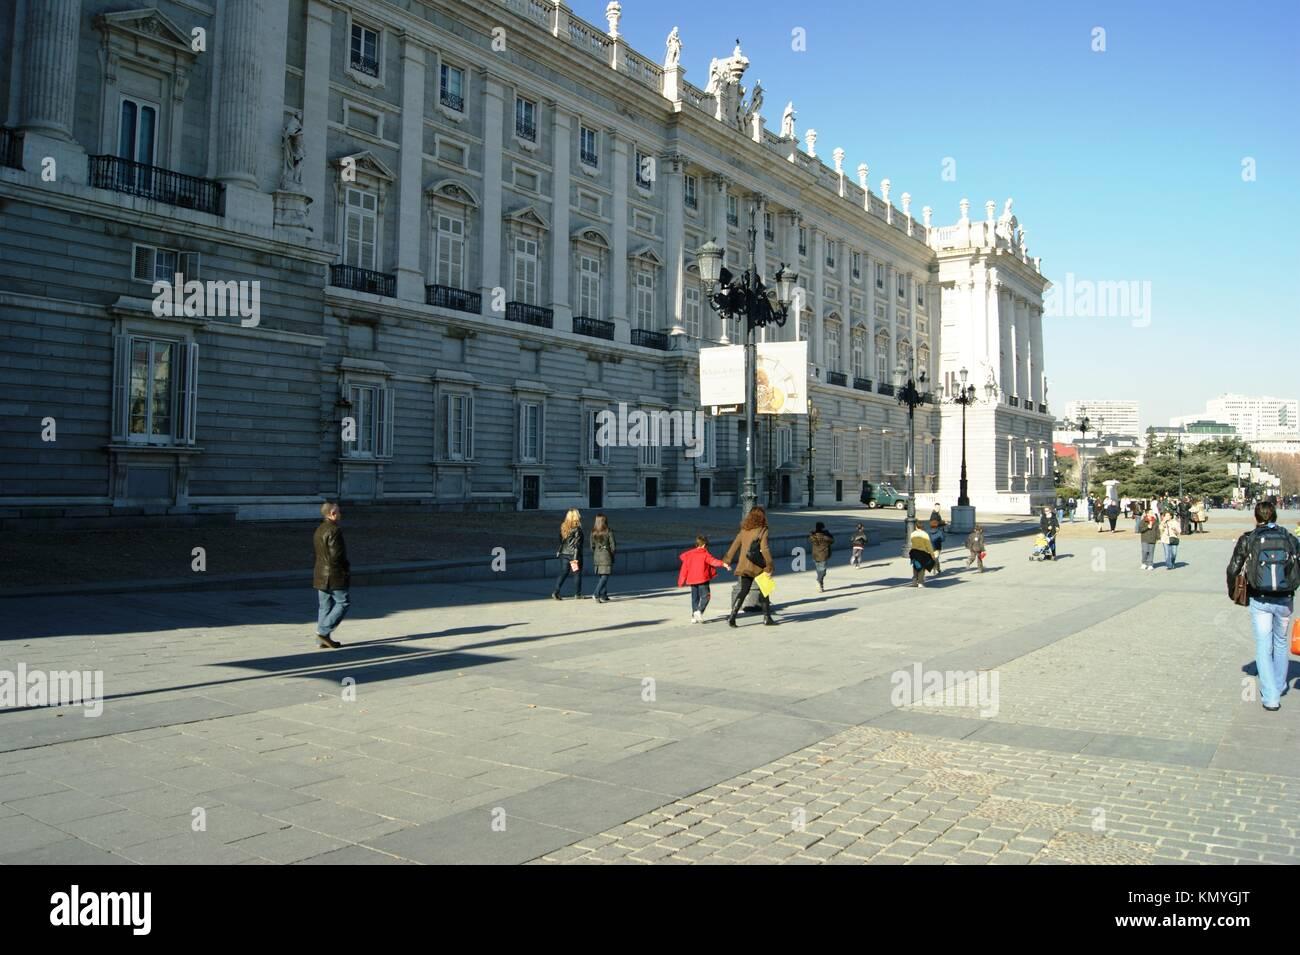 El Palacio Real, Madrid, S[dolor Imagen De Stock